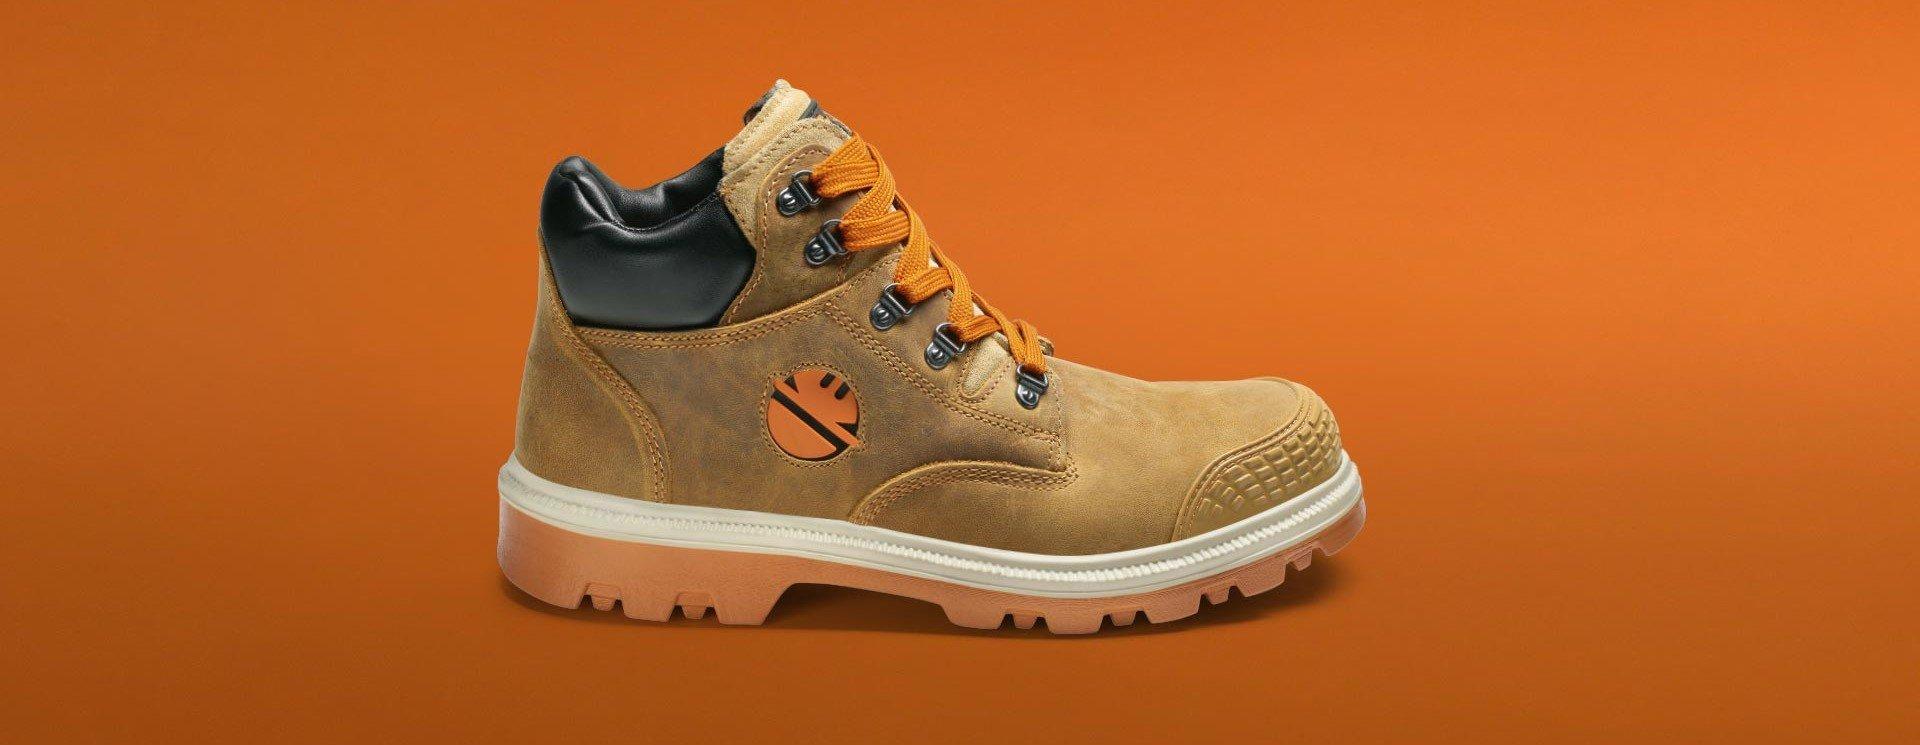 Digger - Zapatos de seguridad y botas de trabajo | Dike